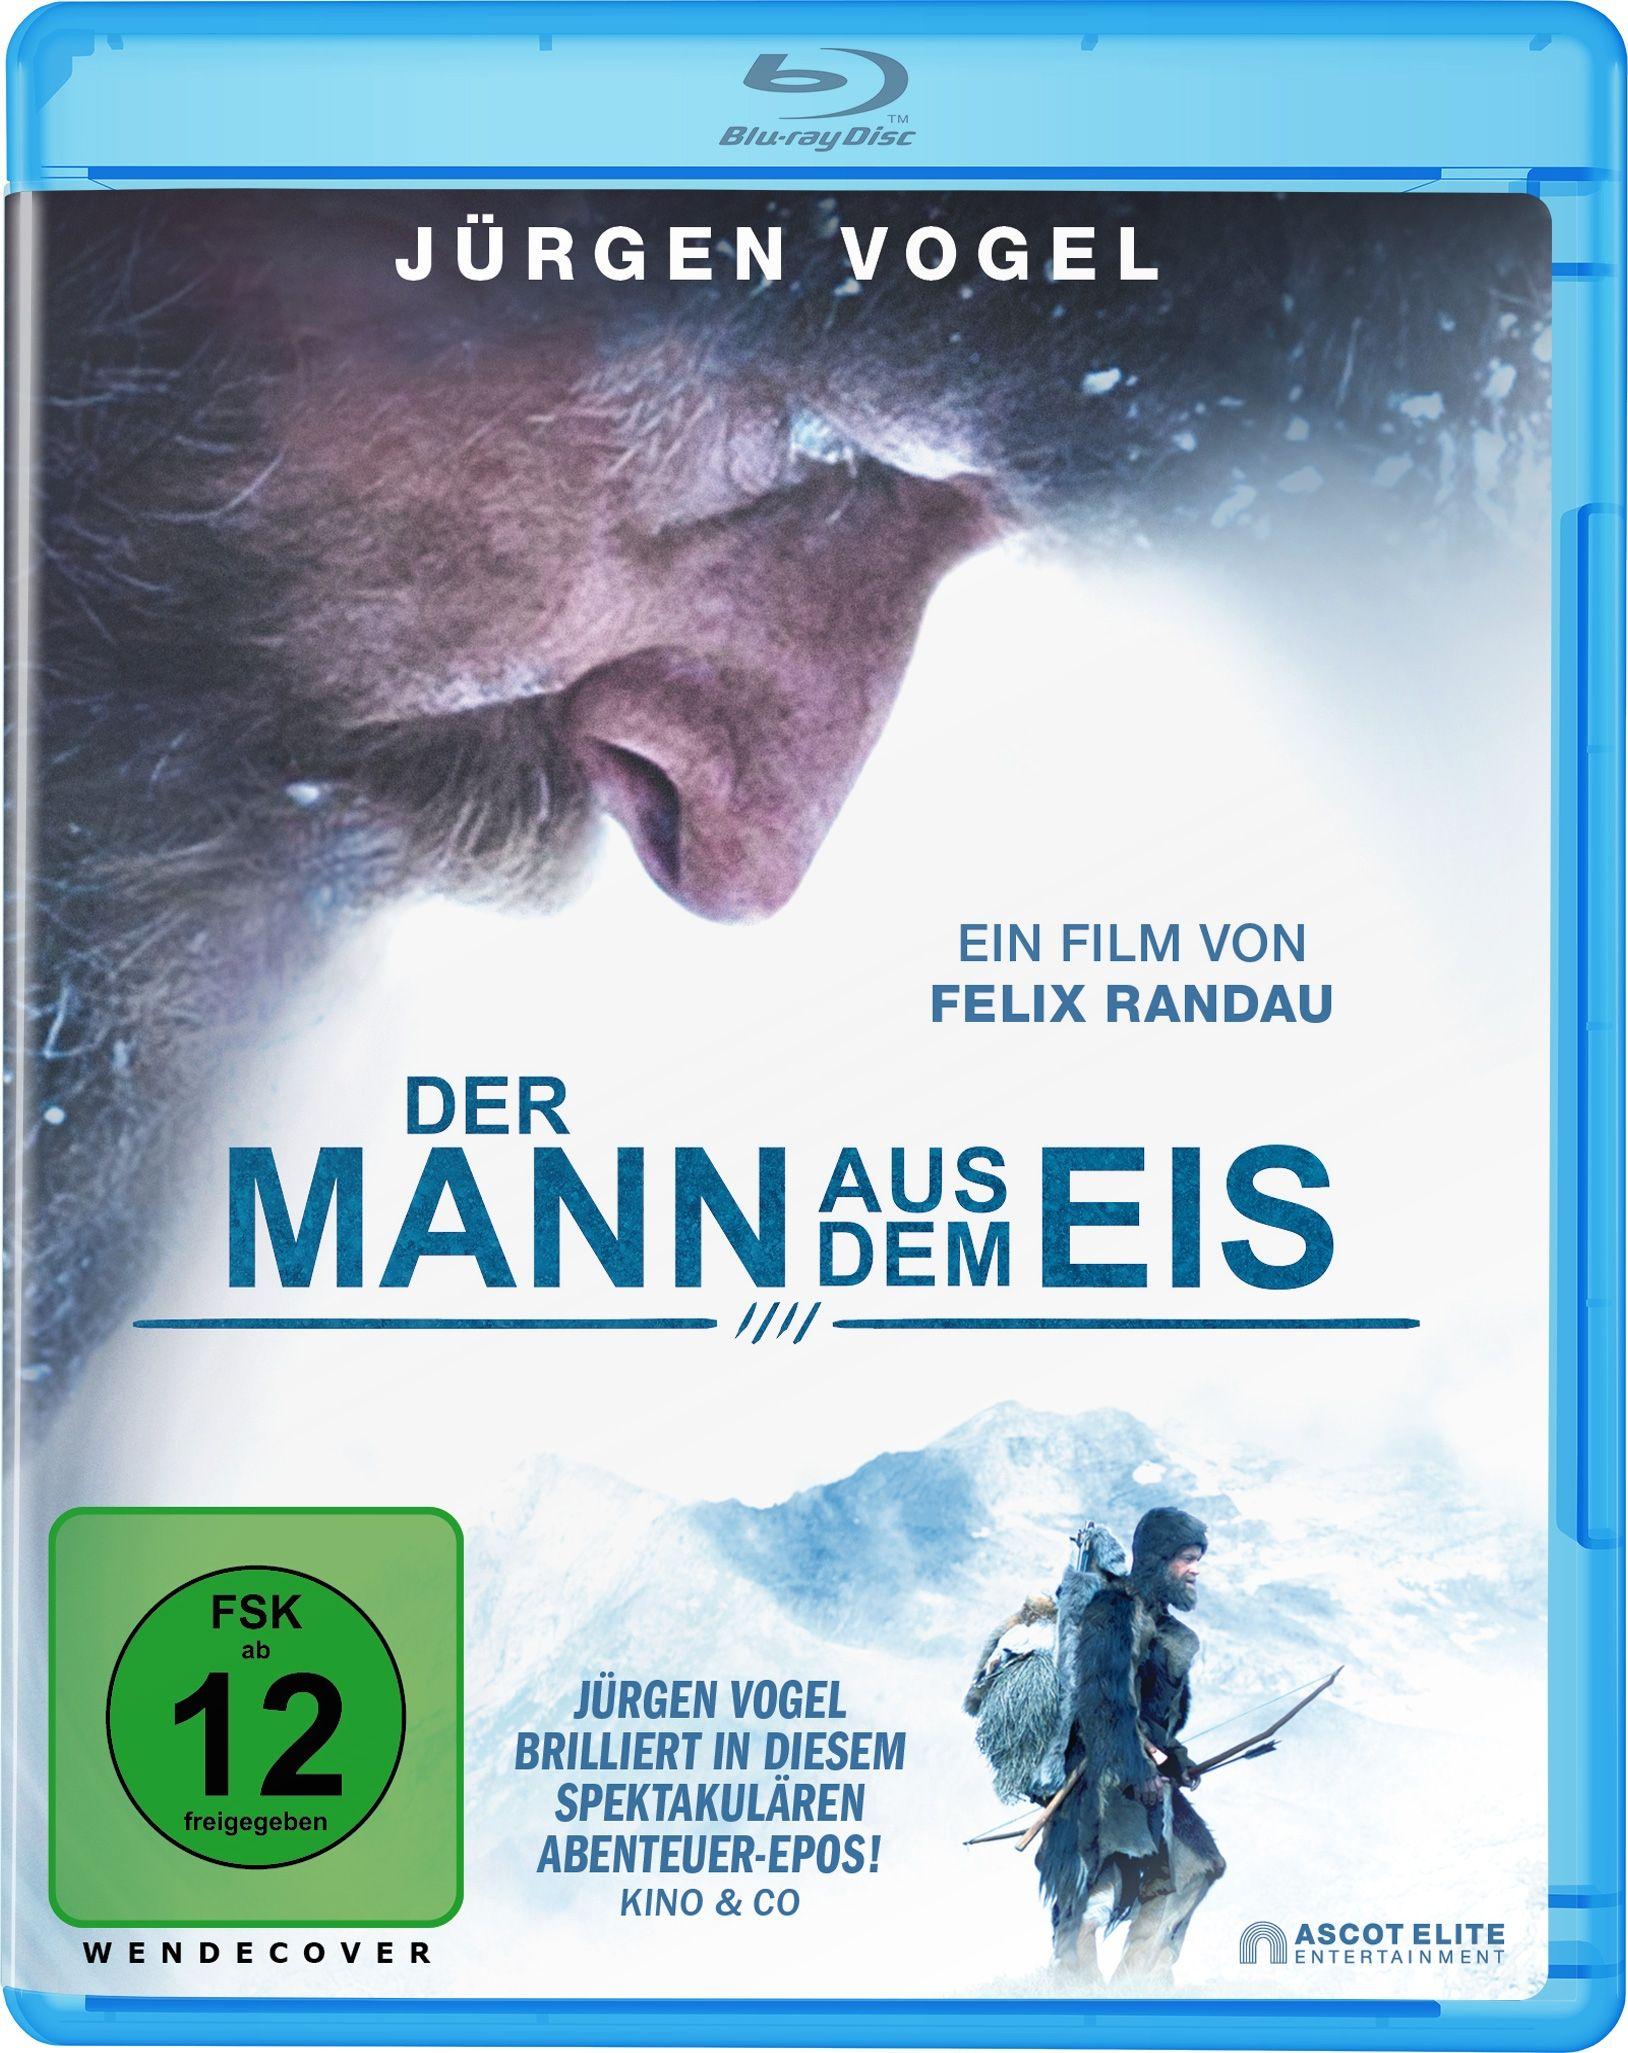 Mann aus dem Eis, Der (BLURAY)